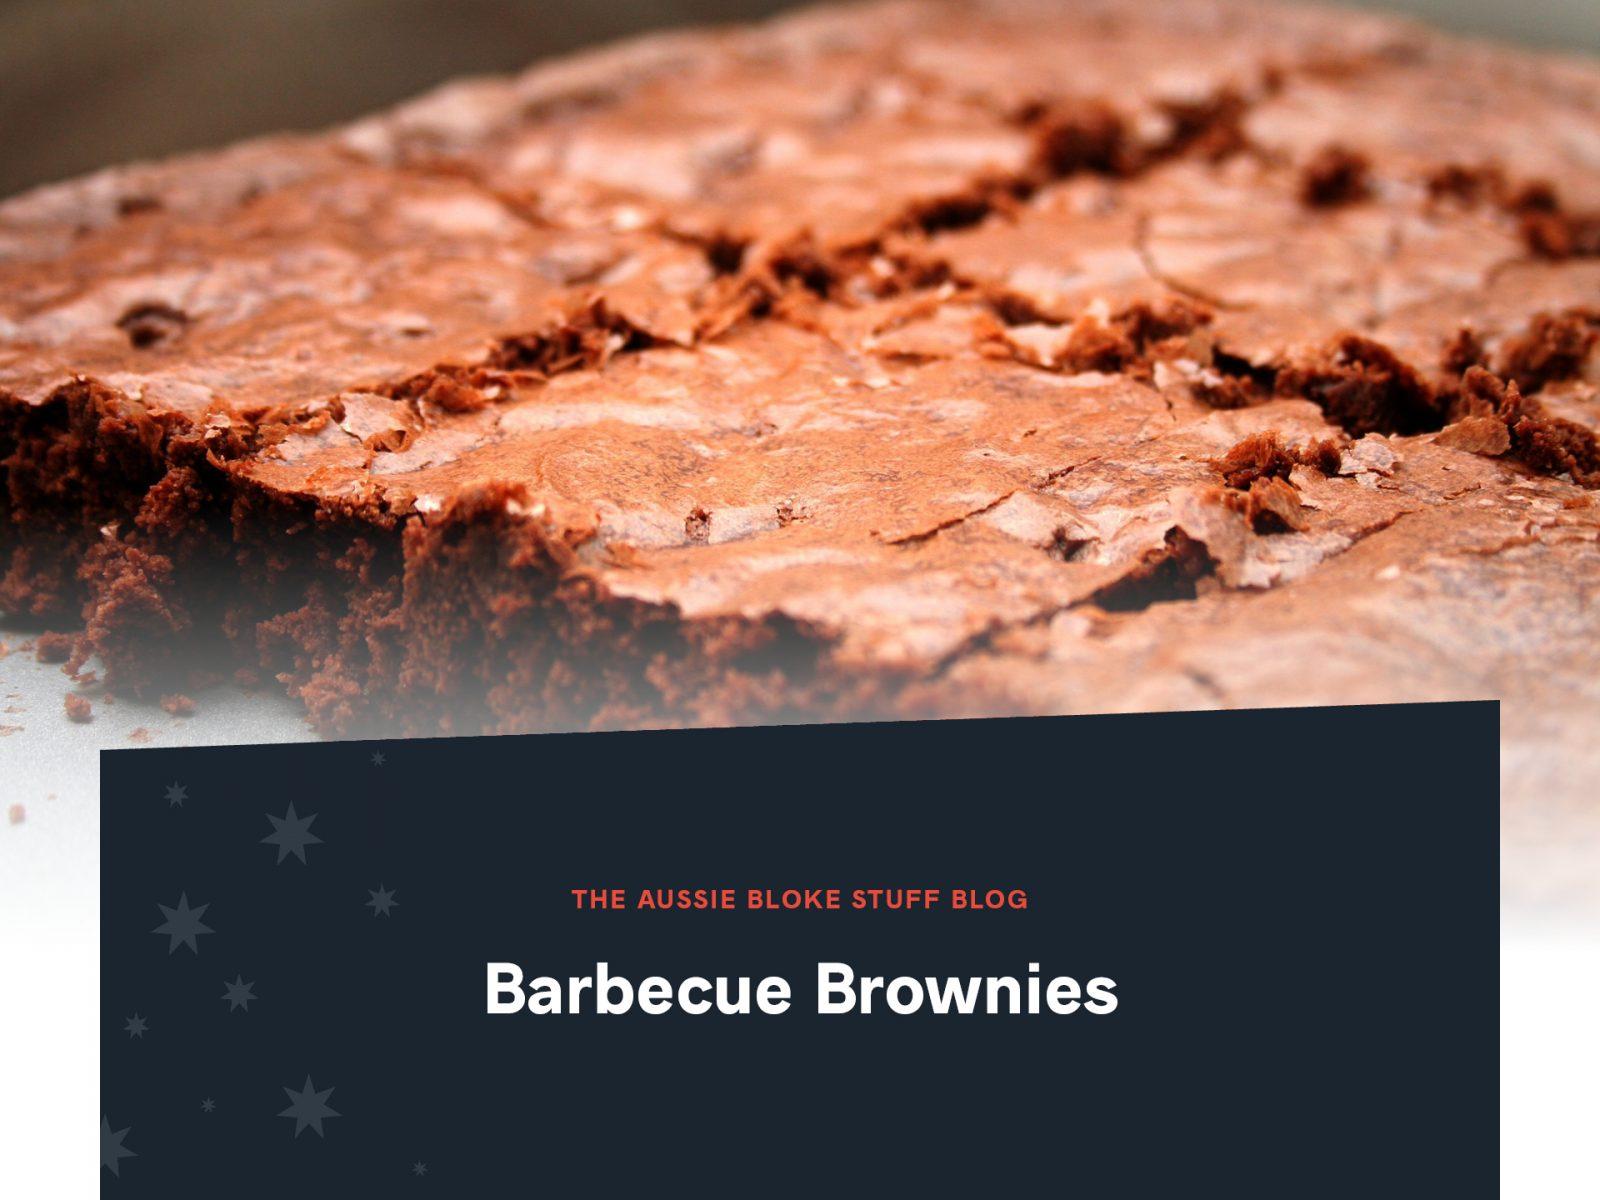 Aussie Bloke Stuff BBQ Brownies